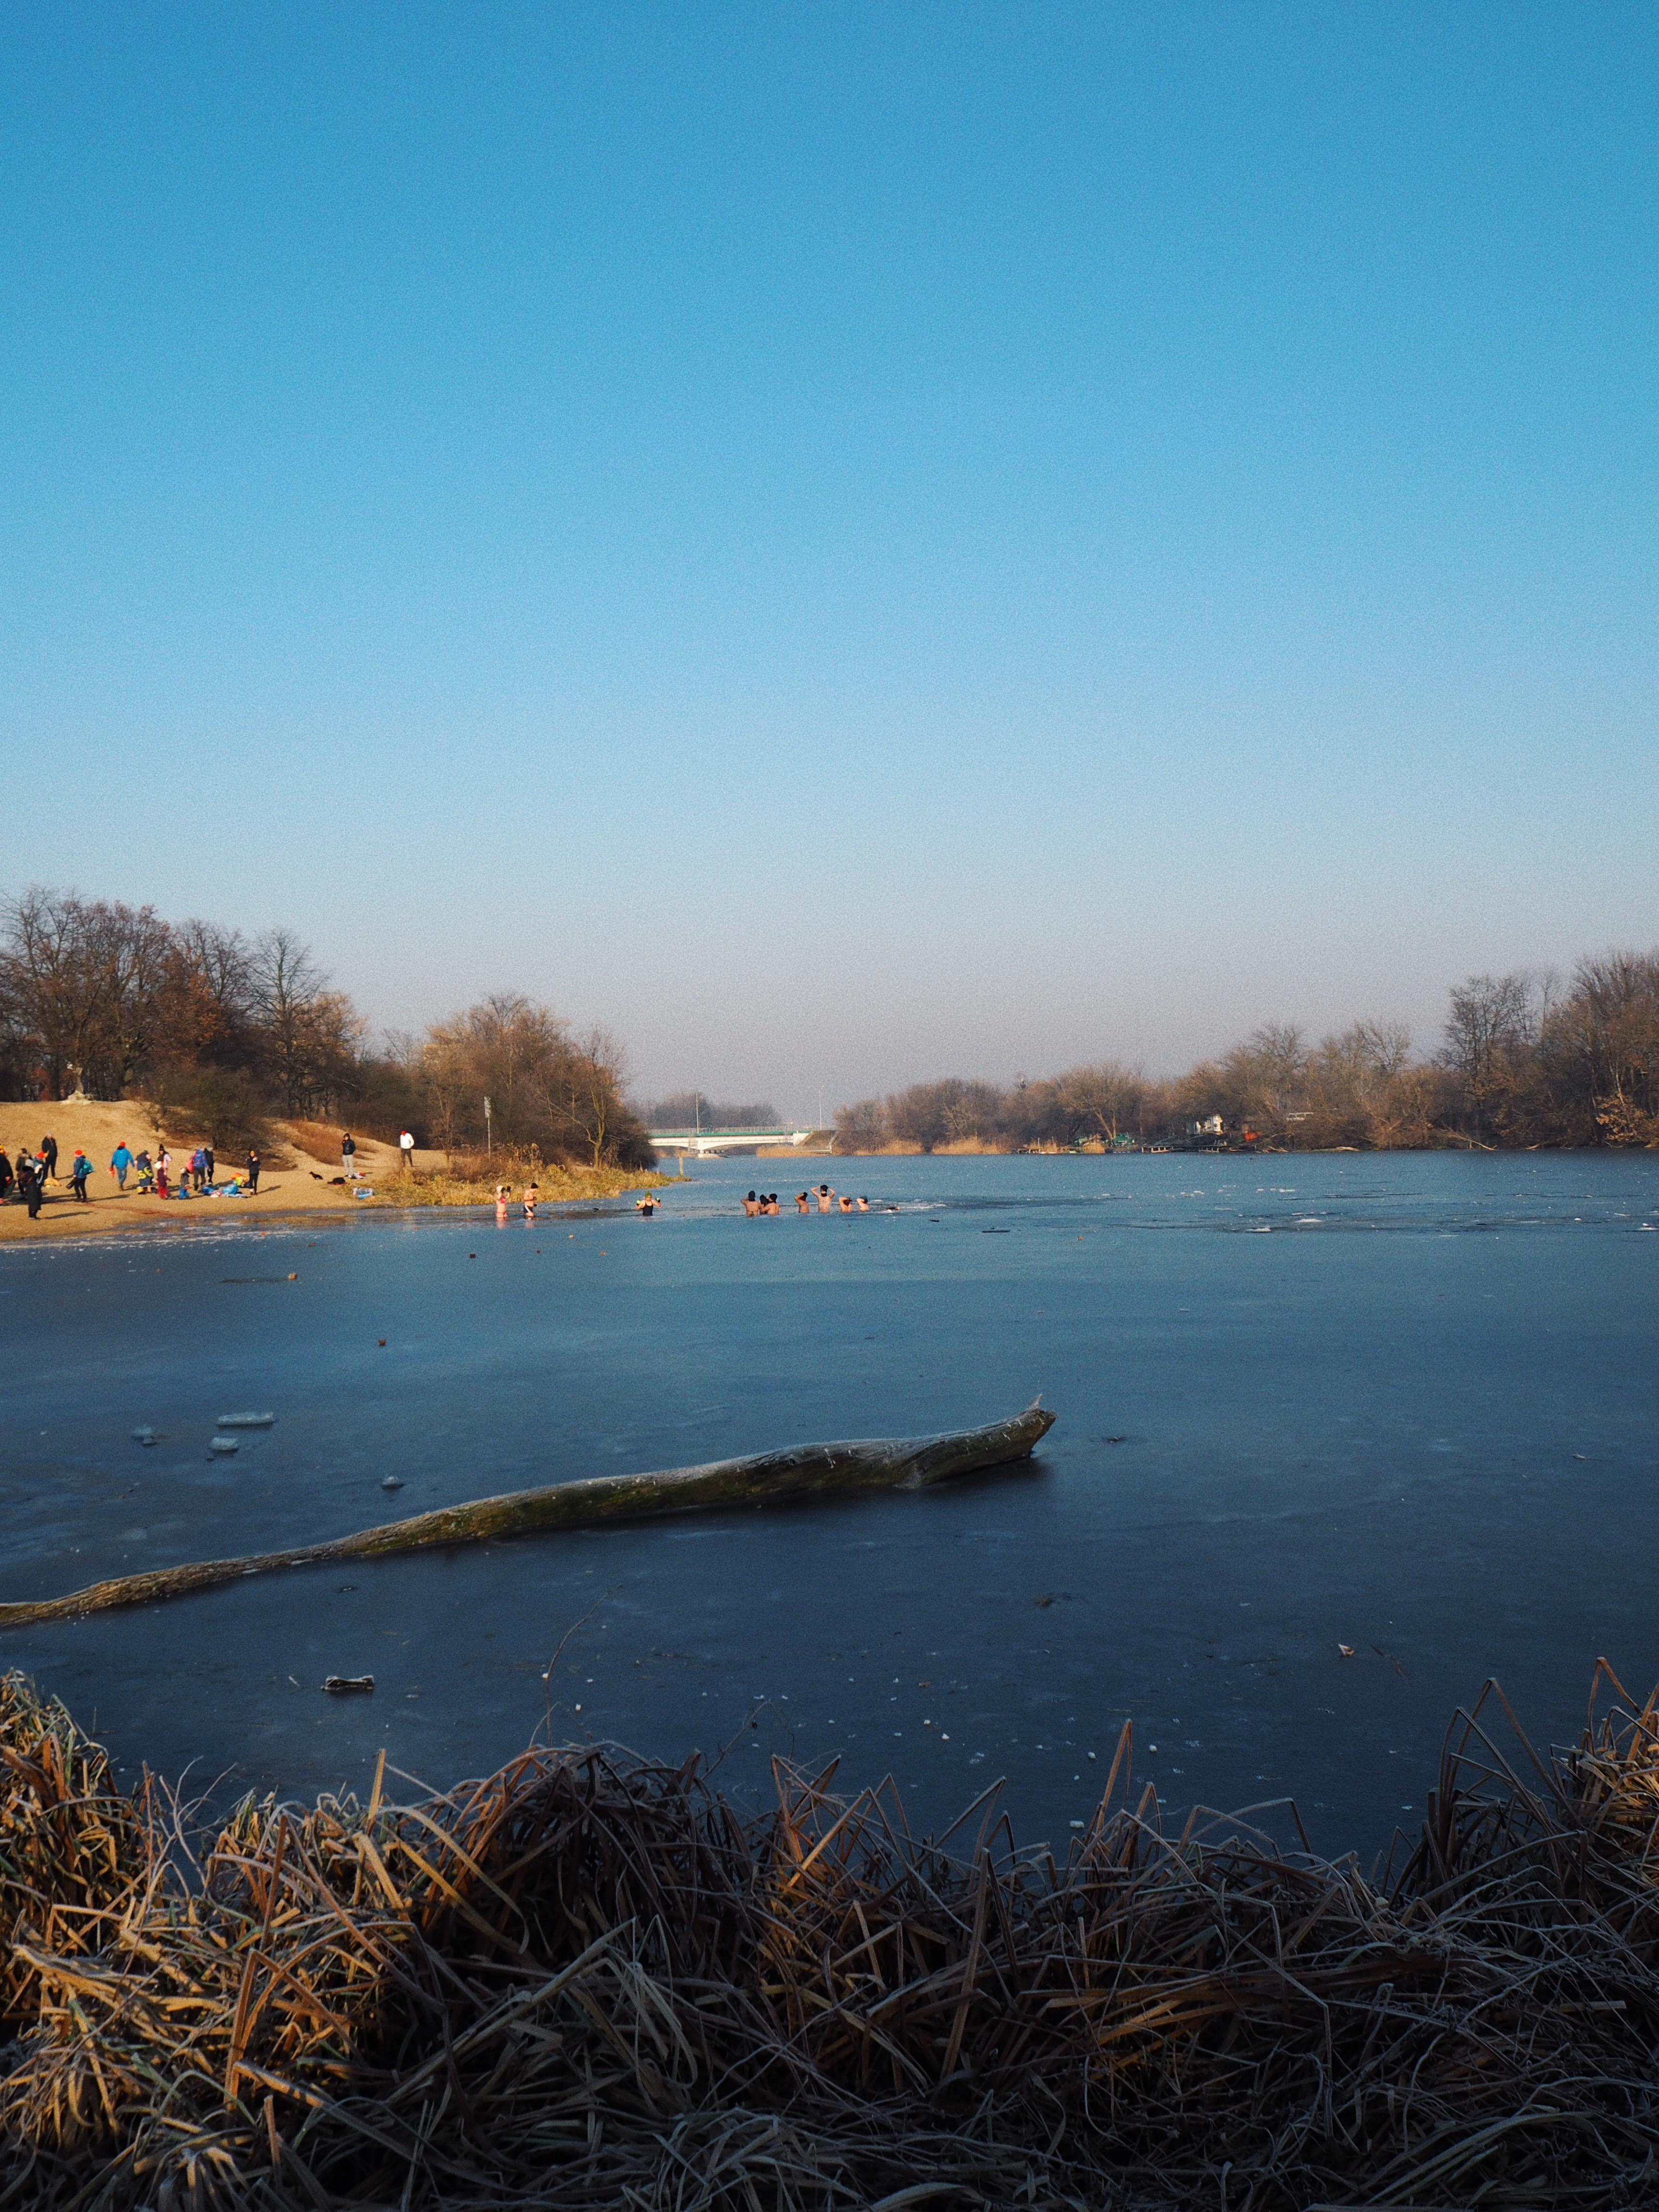 jeziorko czerniakowskie warszawa